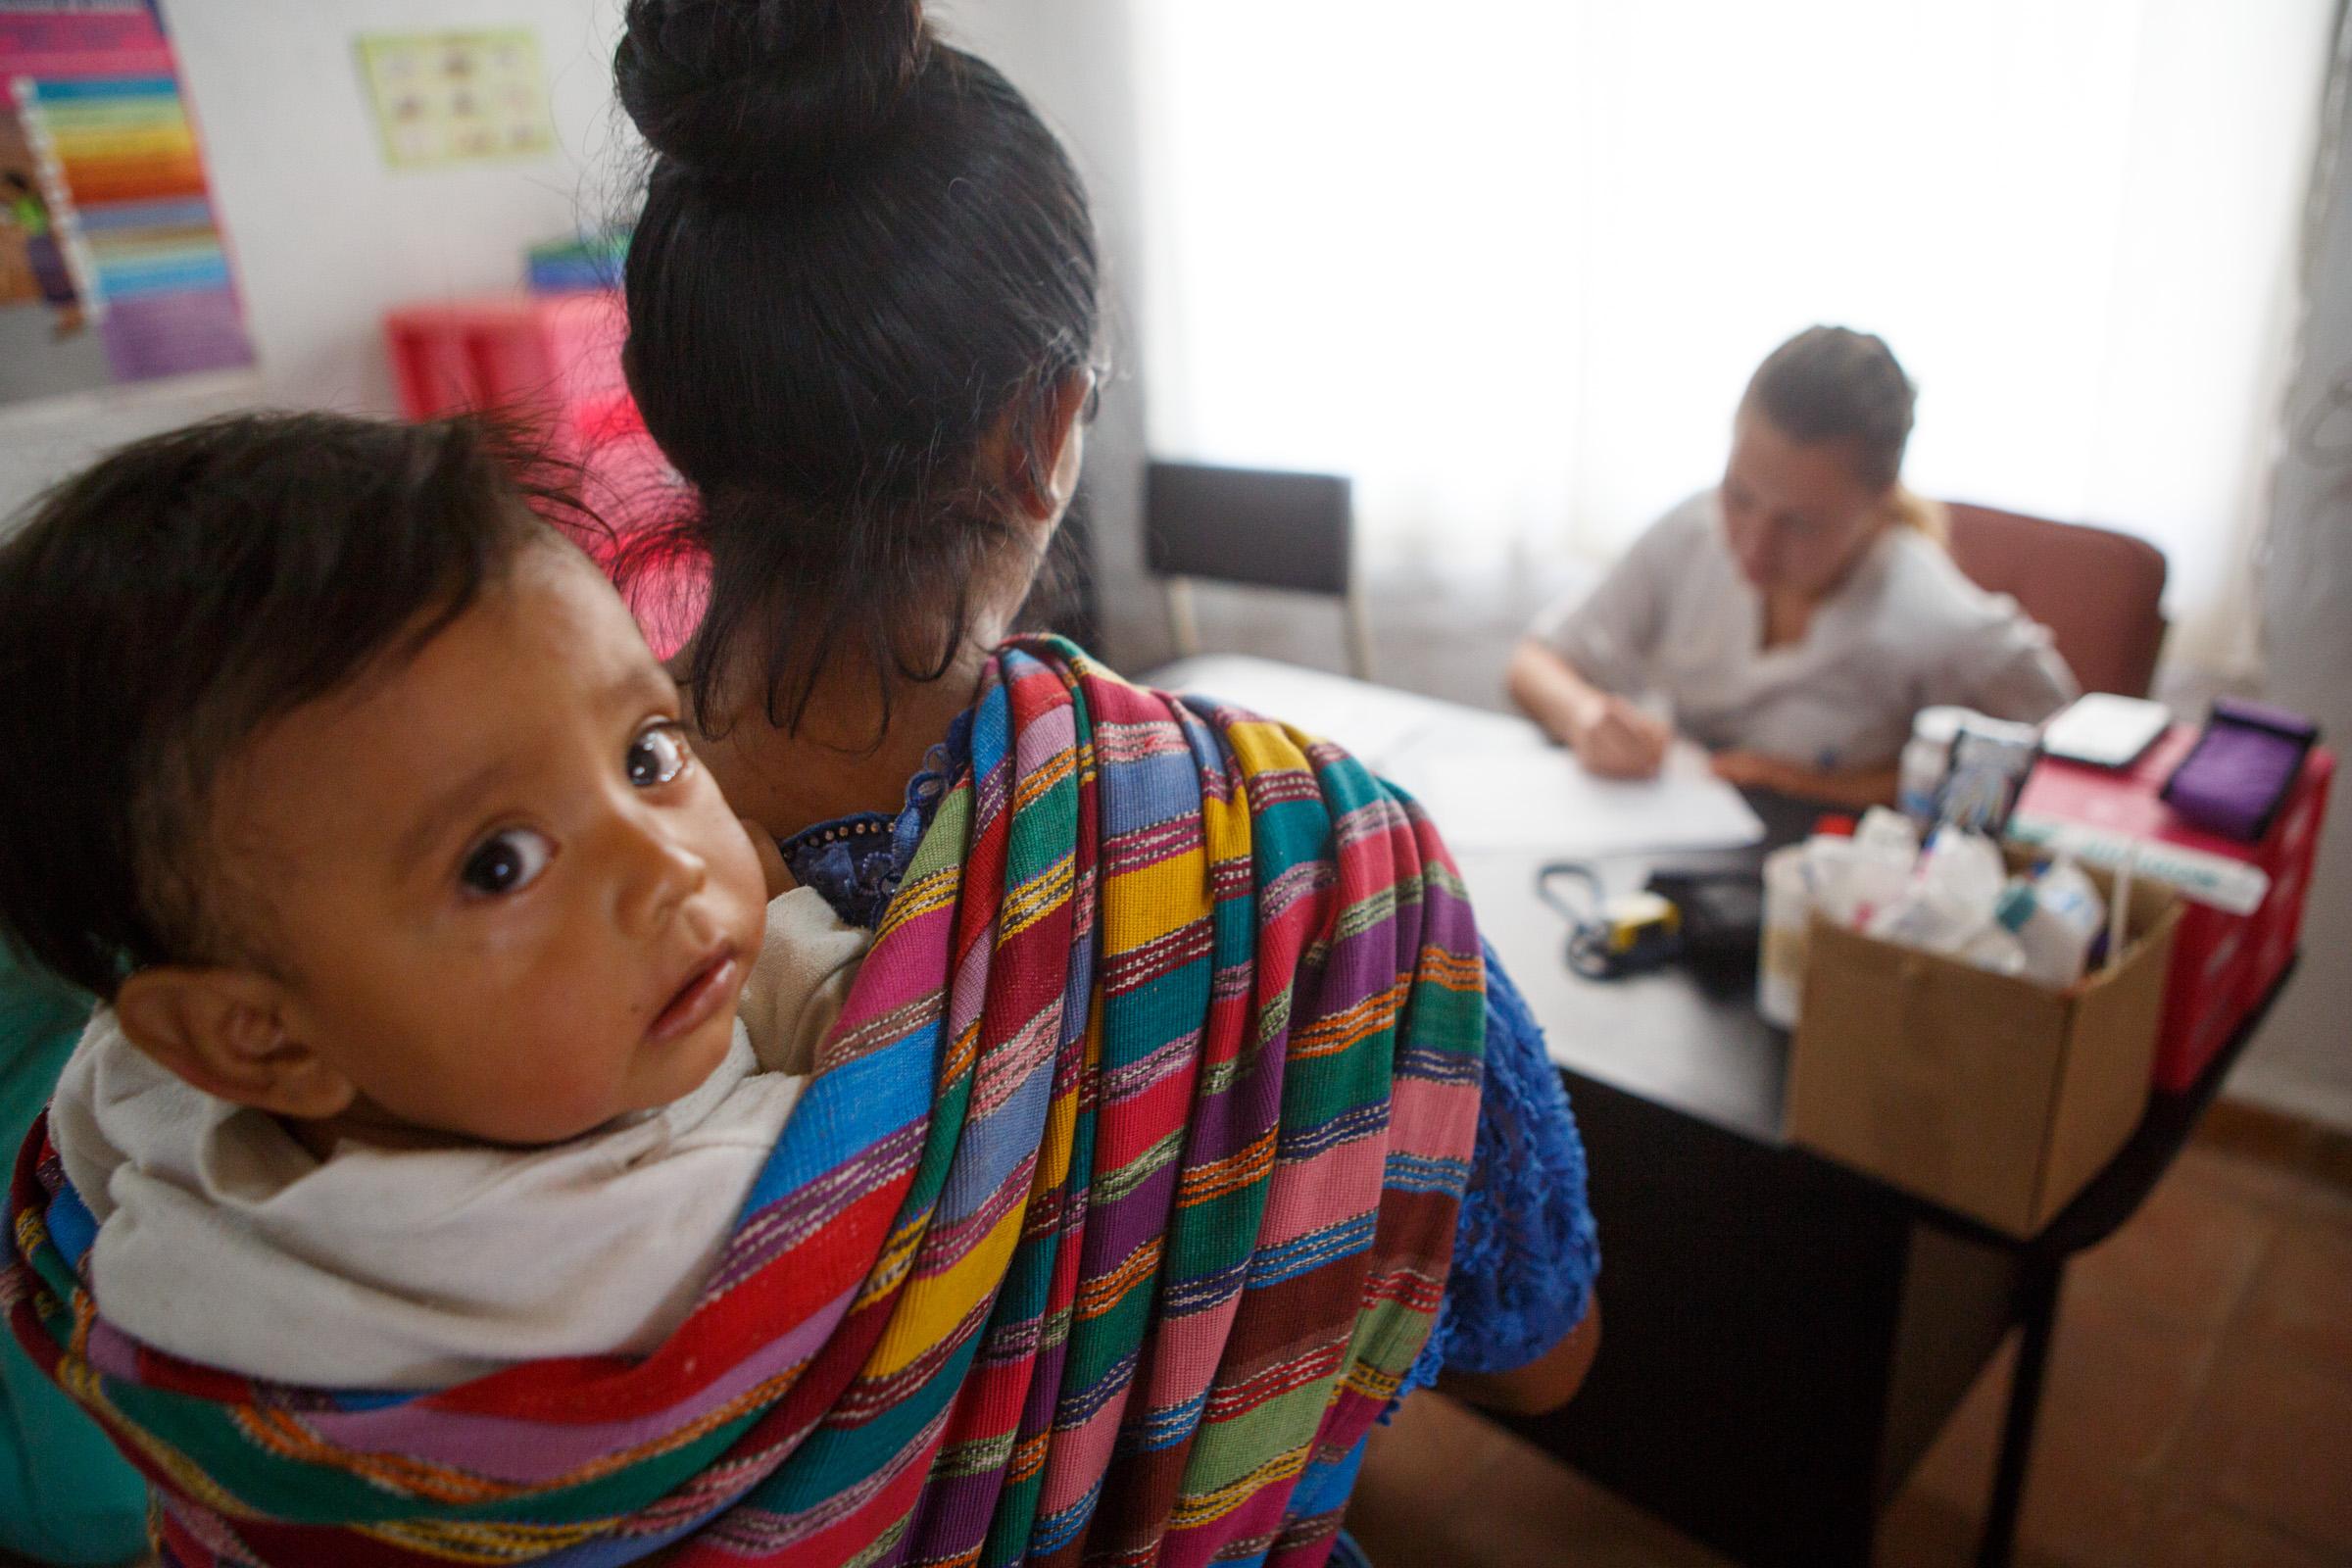 Doktorica Viktoria Vaulina prima mladu majku s djetetom u svojoj klinici.